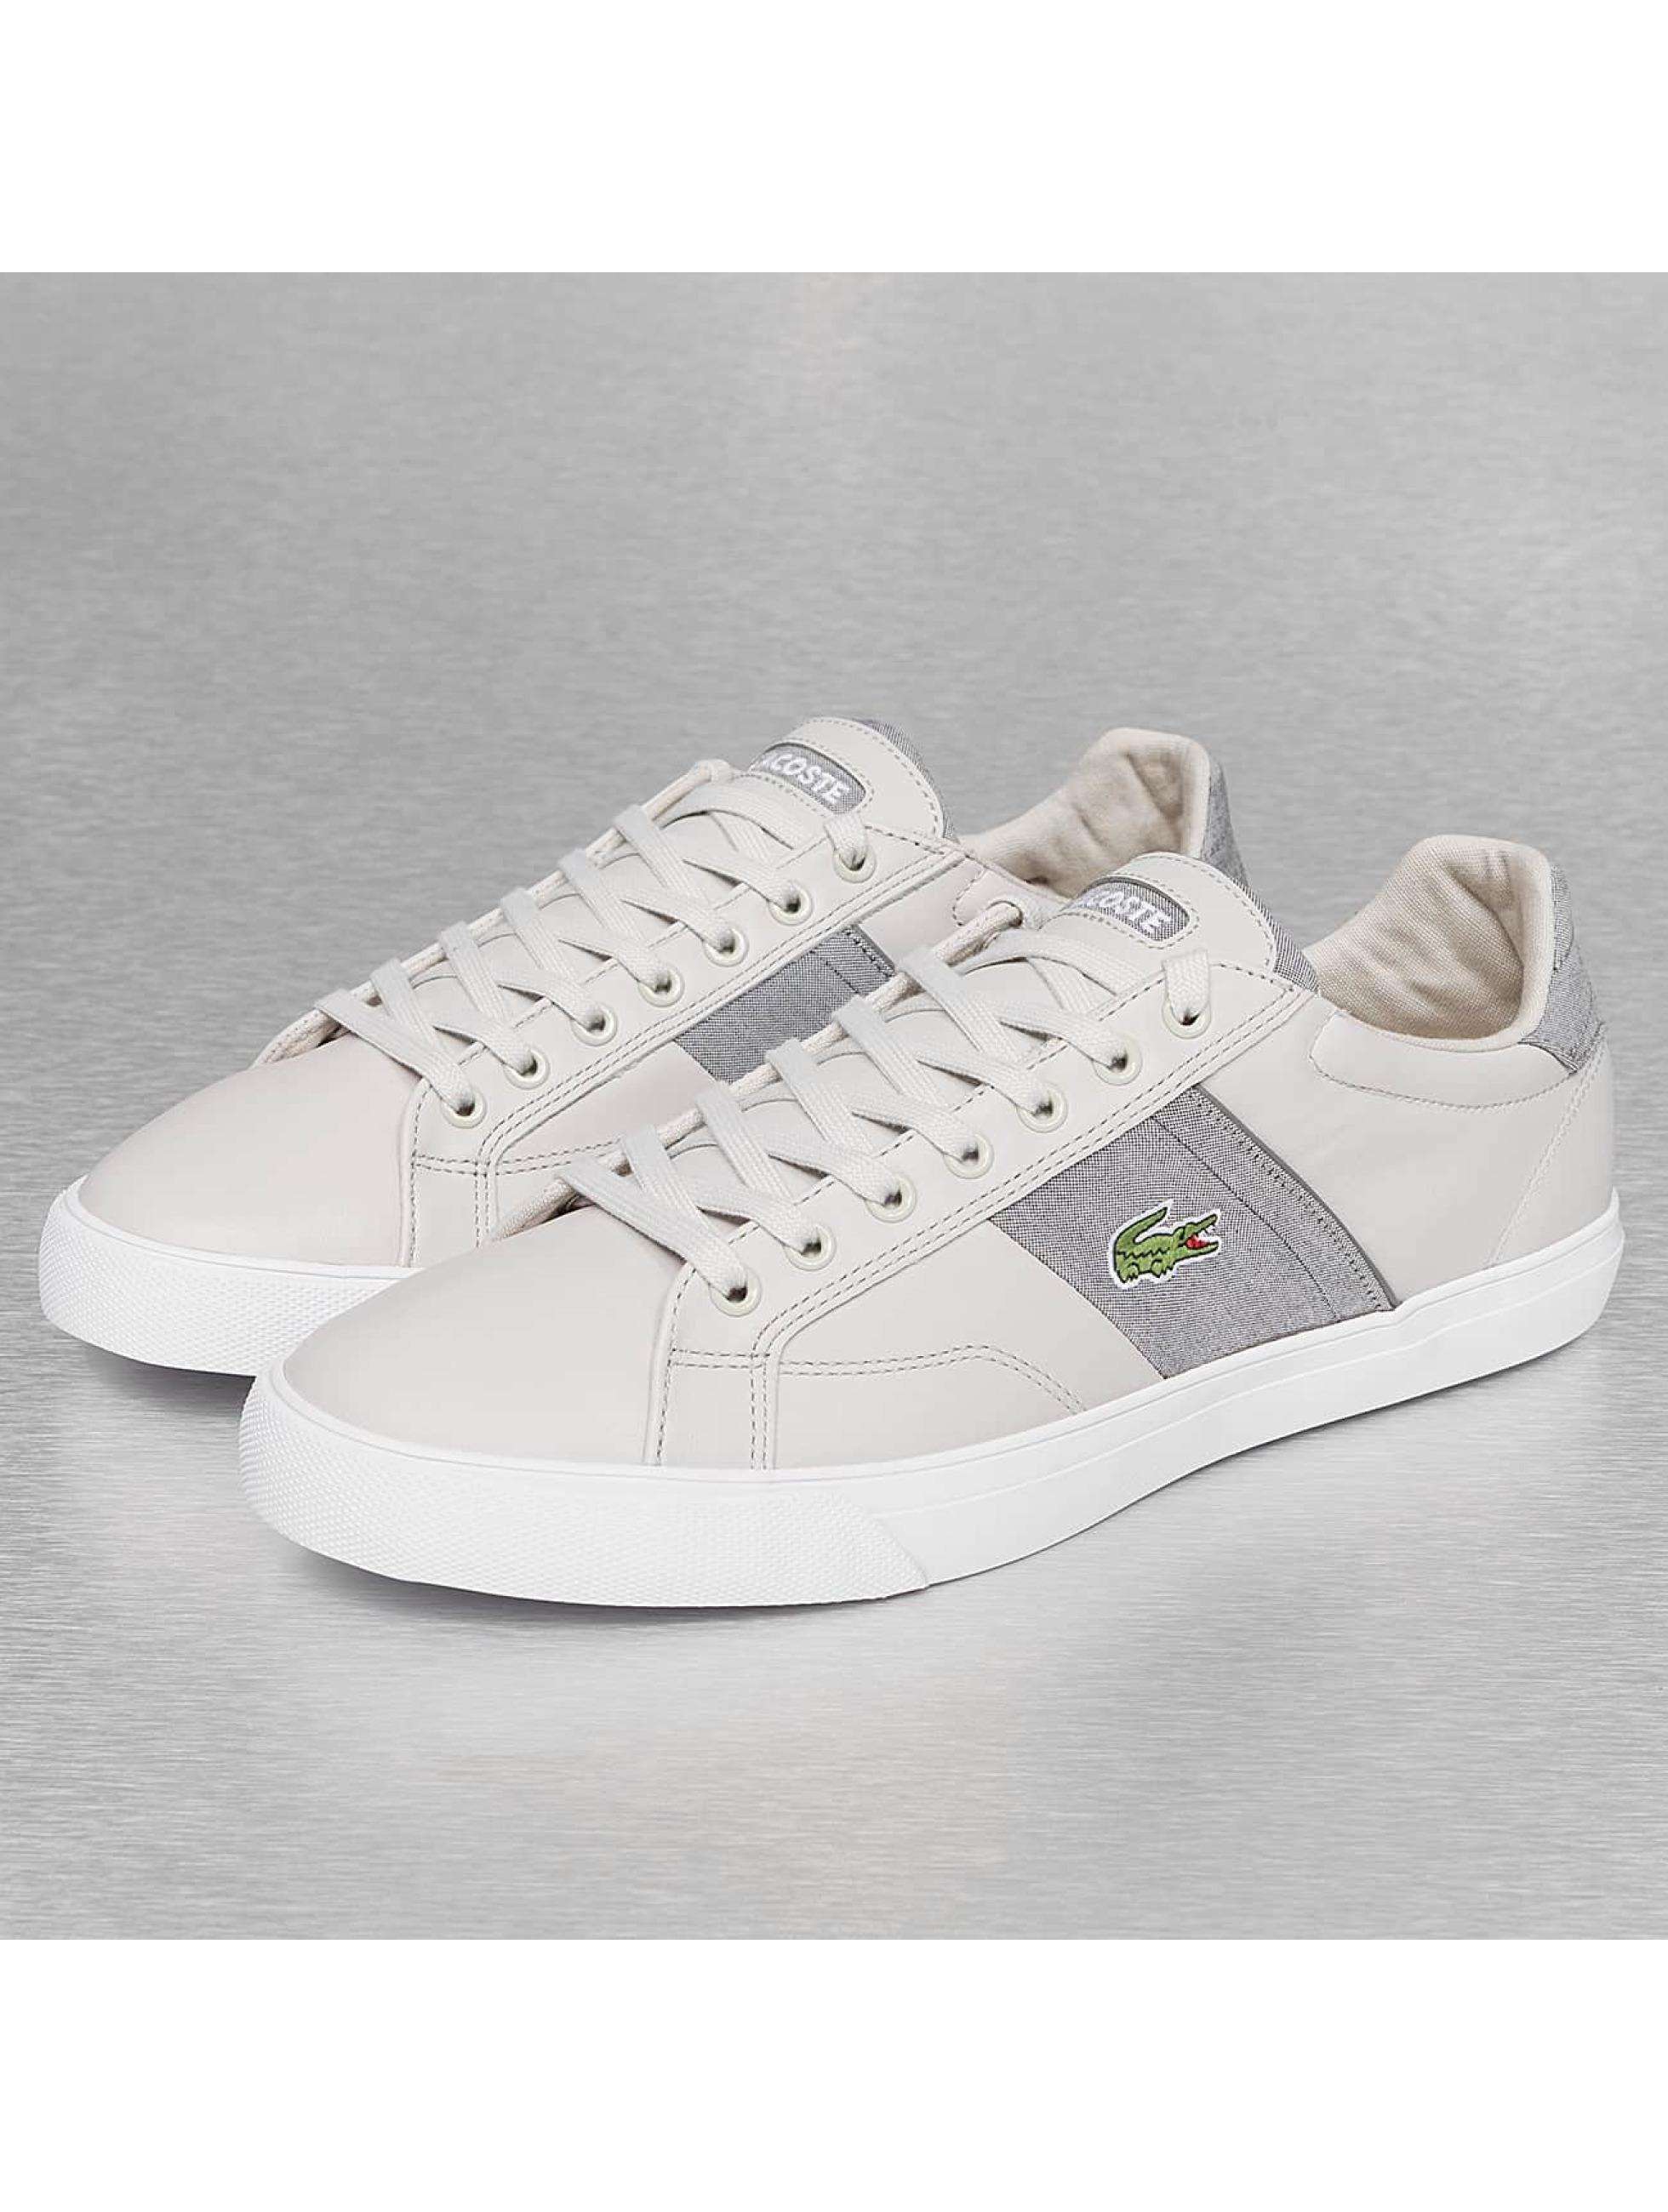 Lacoste sneaker Fairlead 216 1 SPM grijs